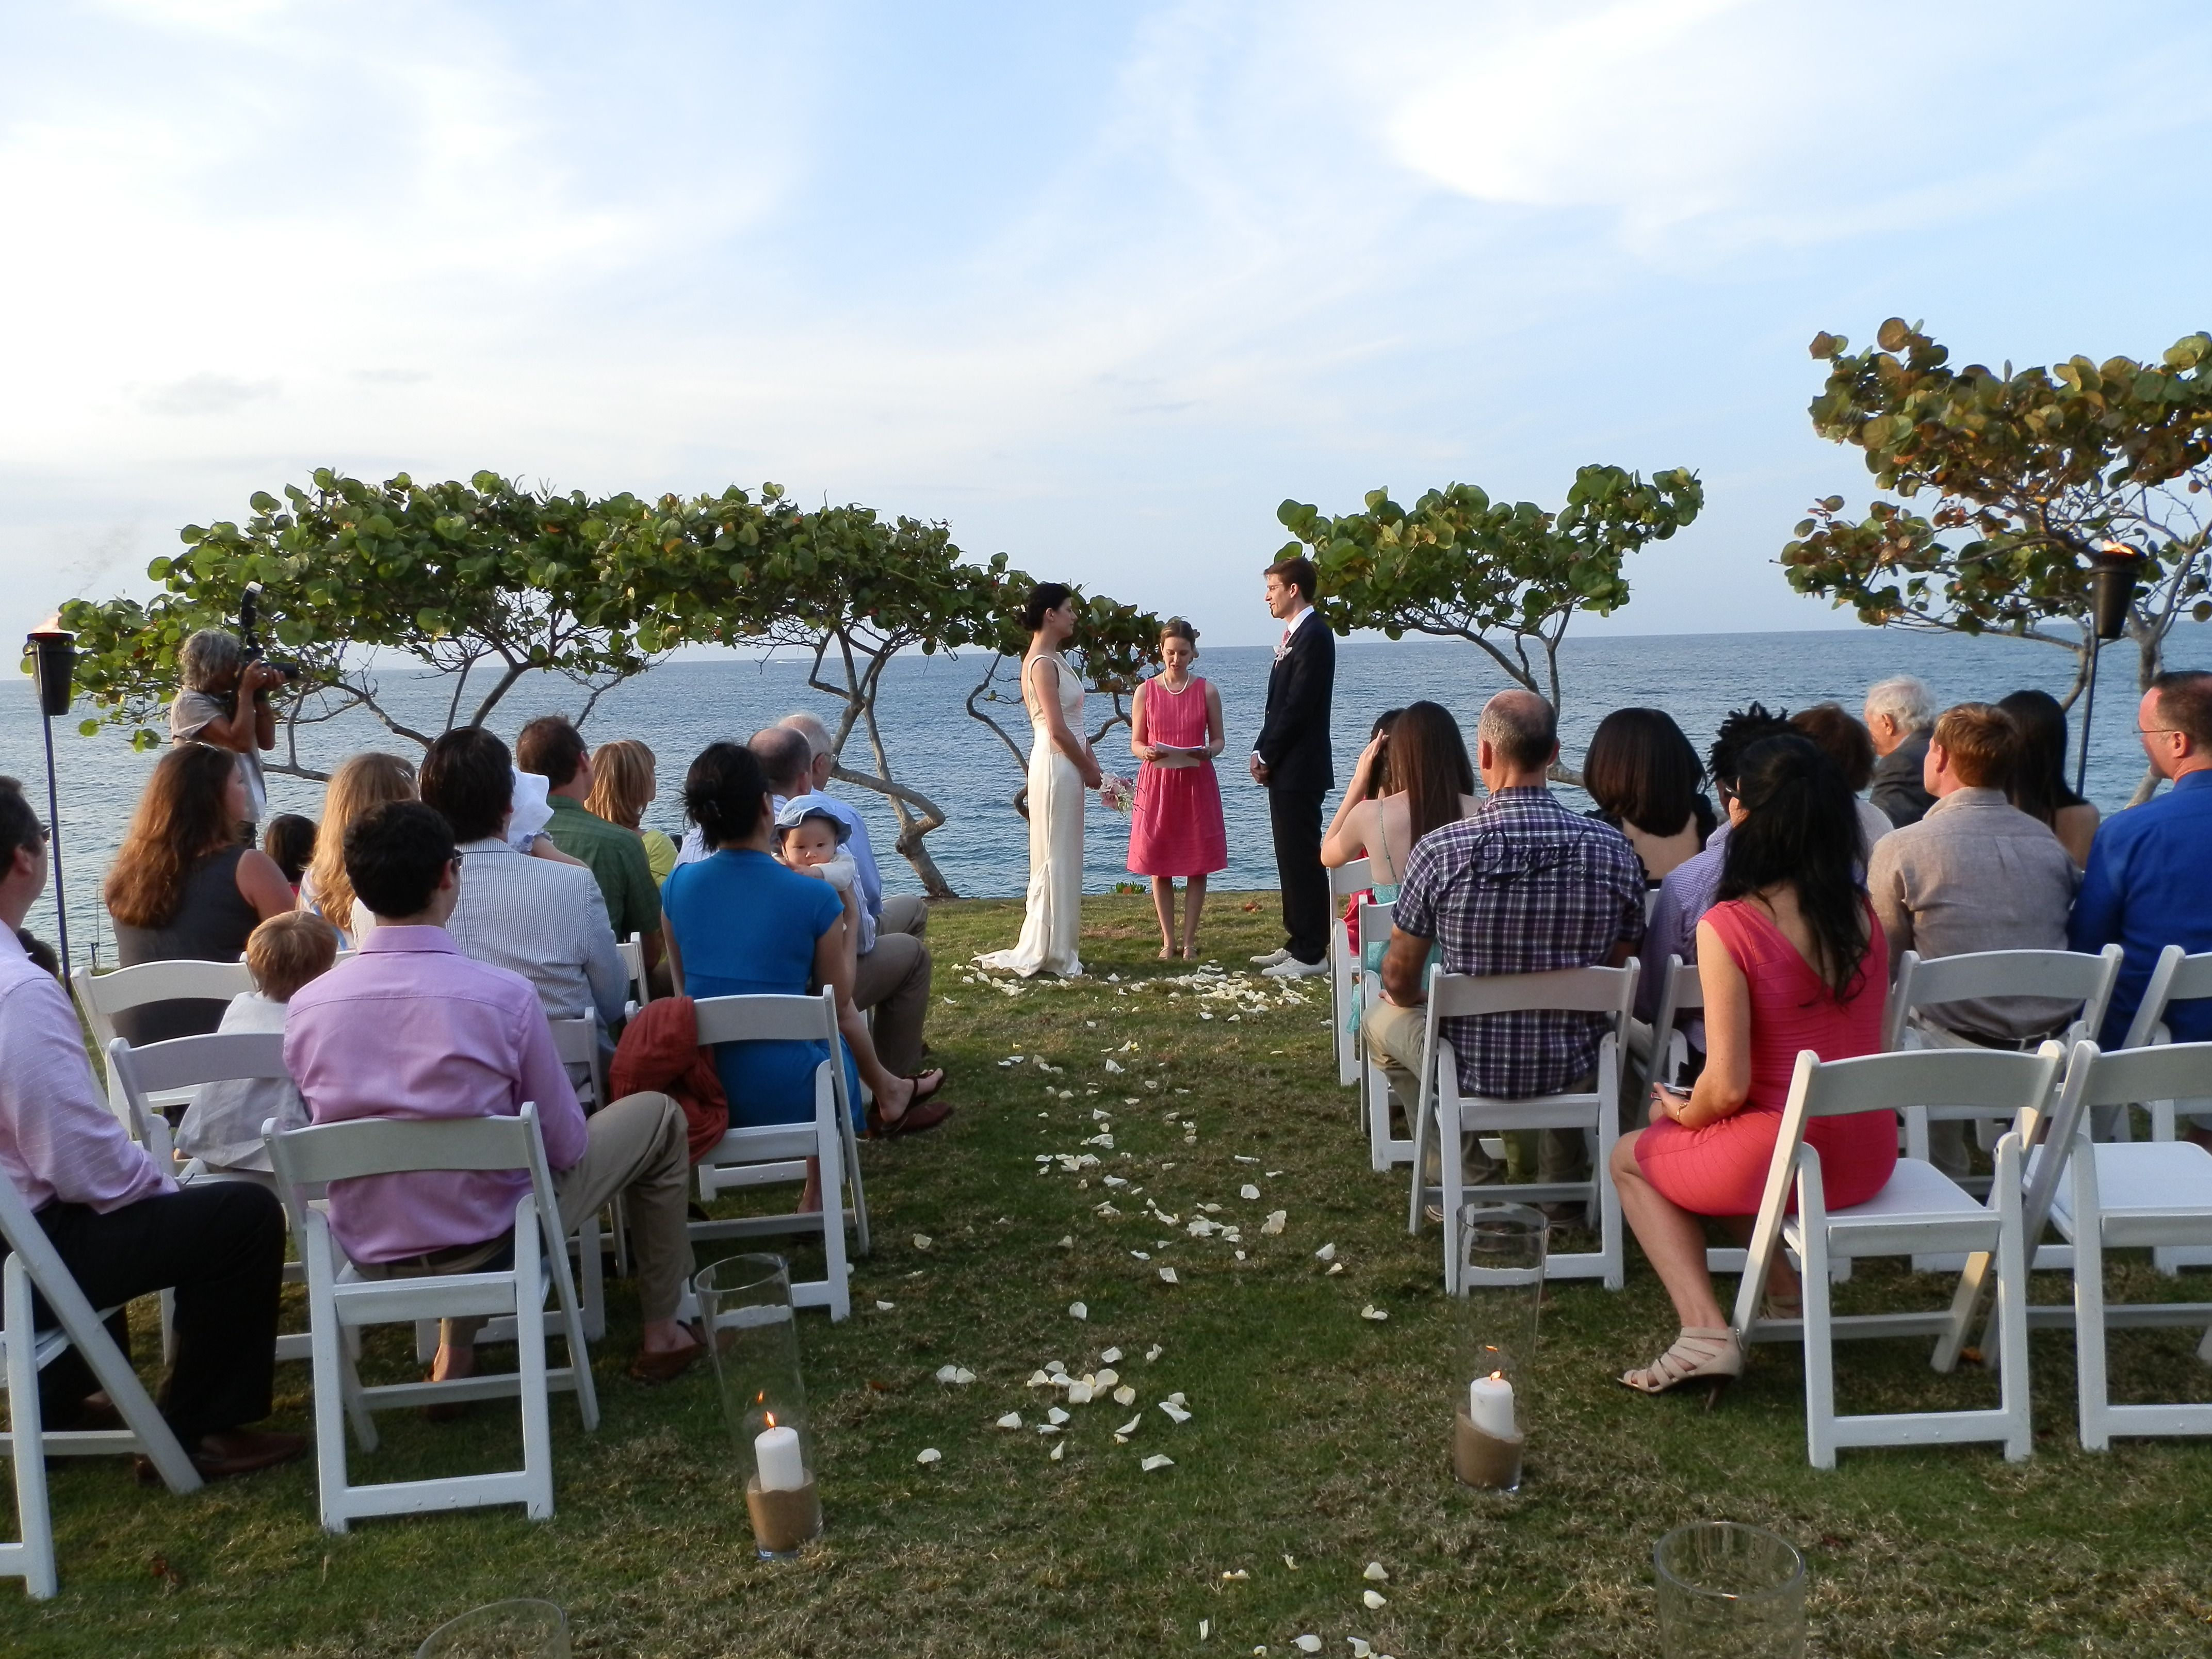 Wedding ceremony of Alyssa Reiner and Stan Mroczkowski at